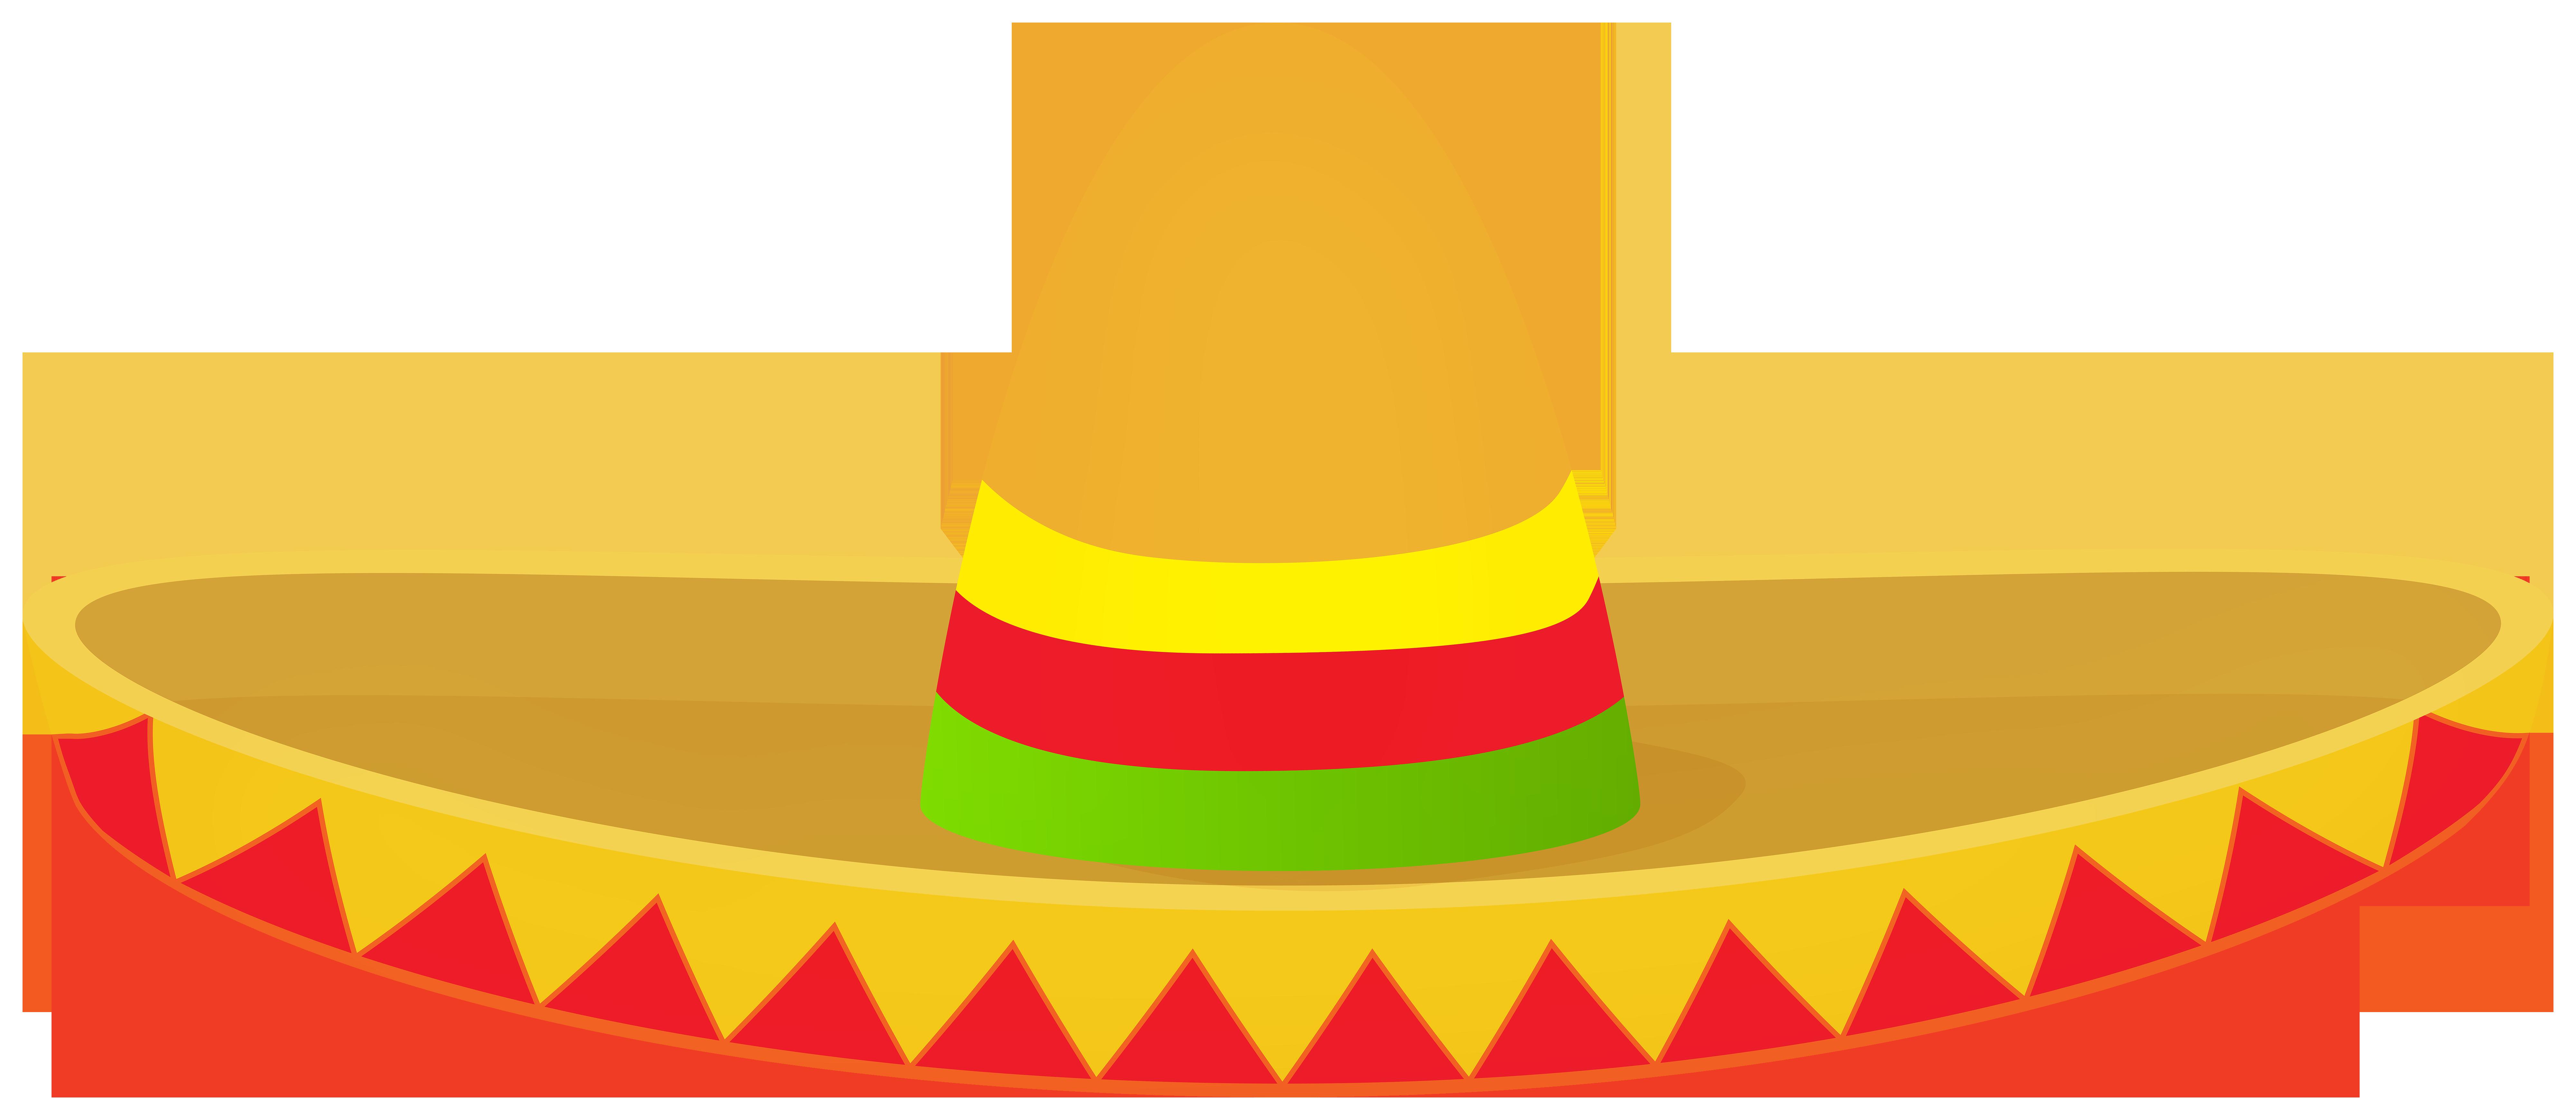 Sombrero PNG Clipart.